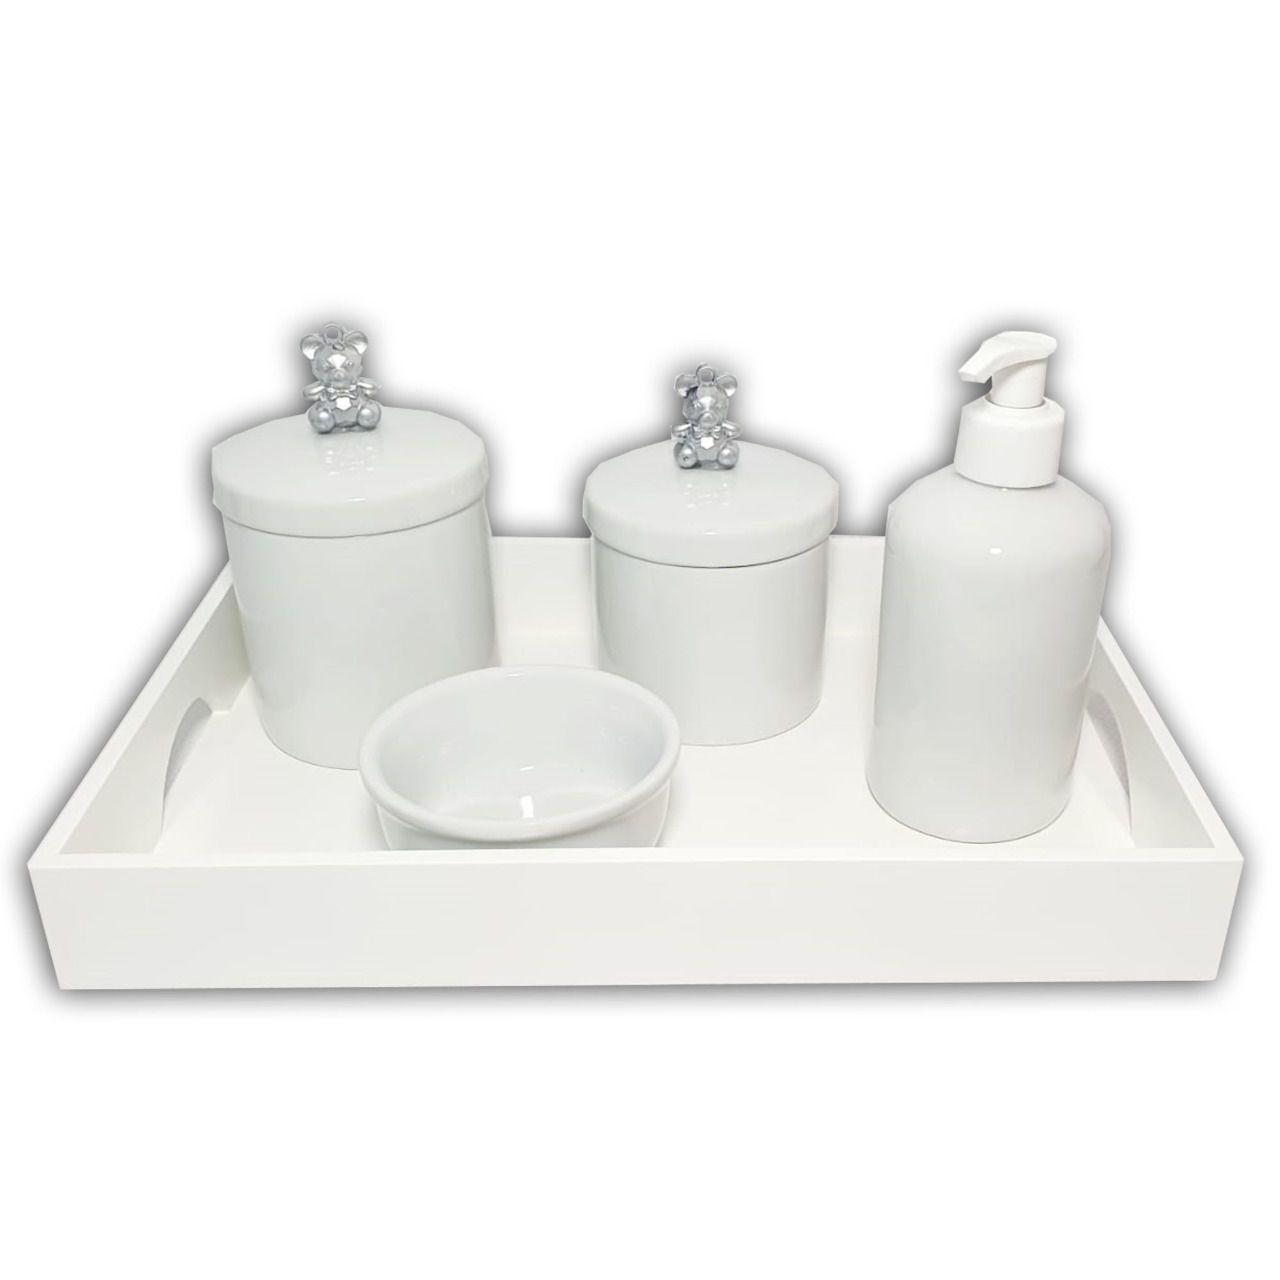 Kit Higiene Porcelana Branca 5 Peças Urso Prata - Decoração Quarto de Bebê